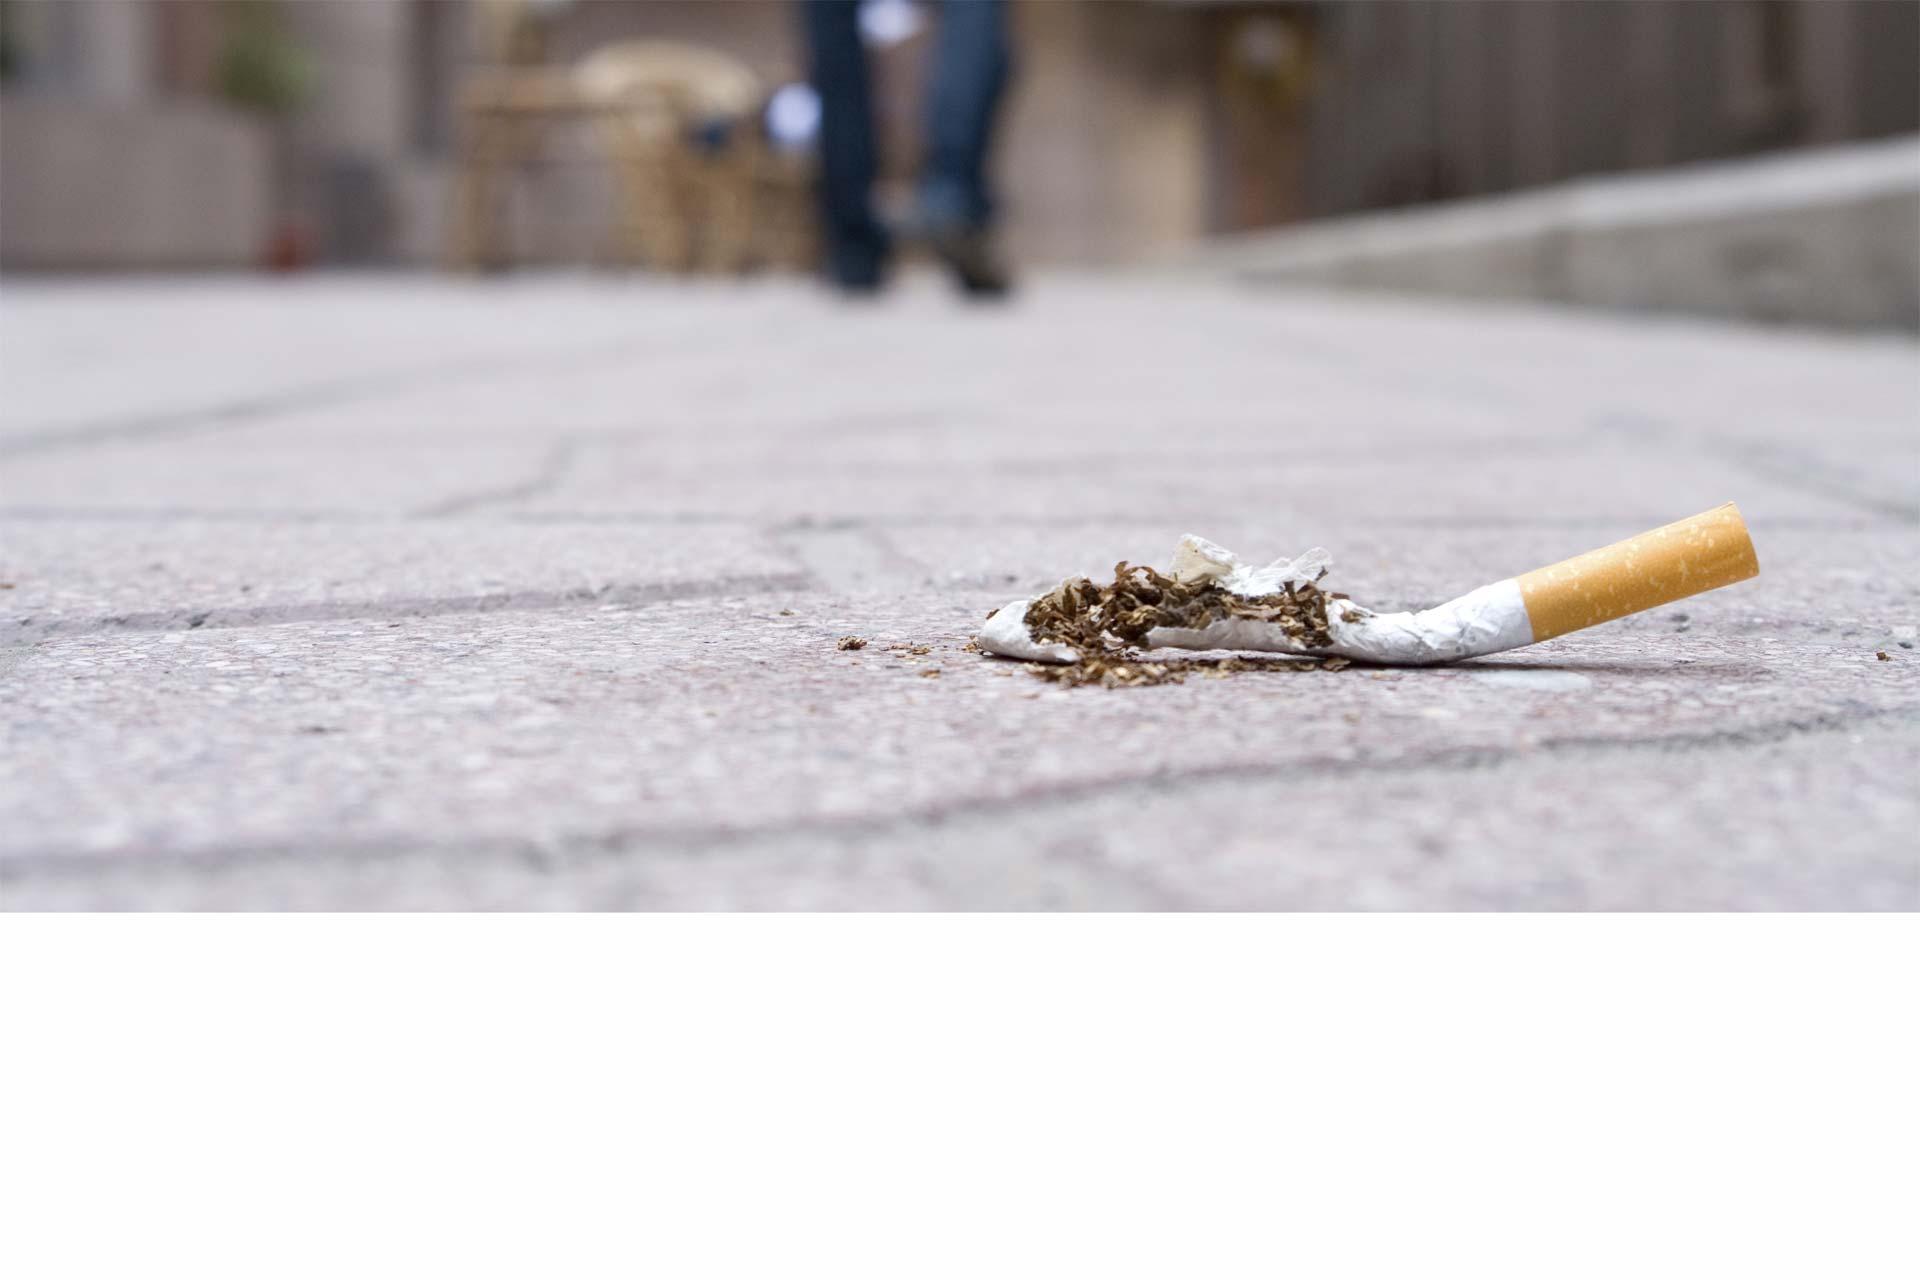 En EE.UU. el índice de jóvenes con este hábito ha disminuido, pero siguen estando muy expuestos a los peligros del cigarro